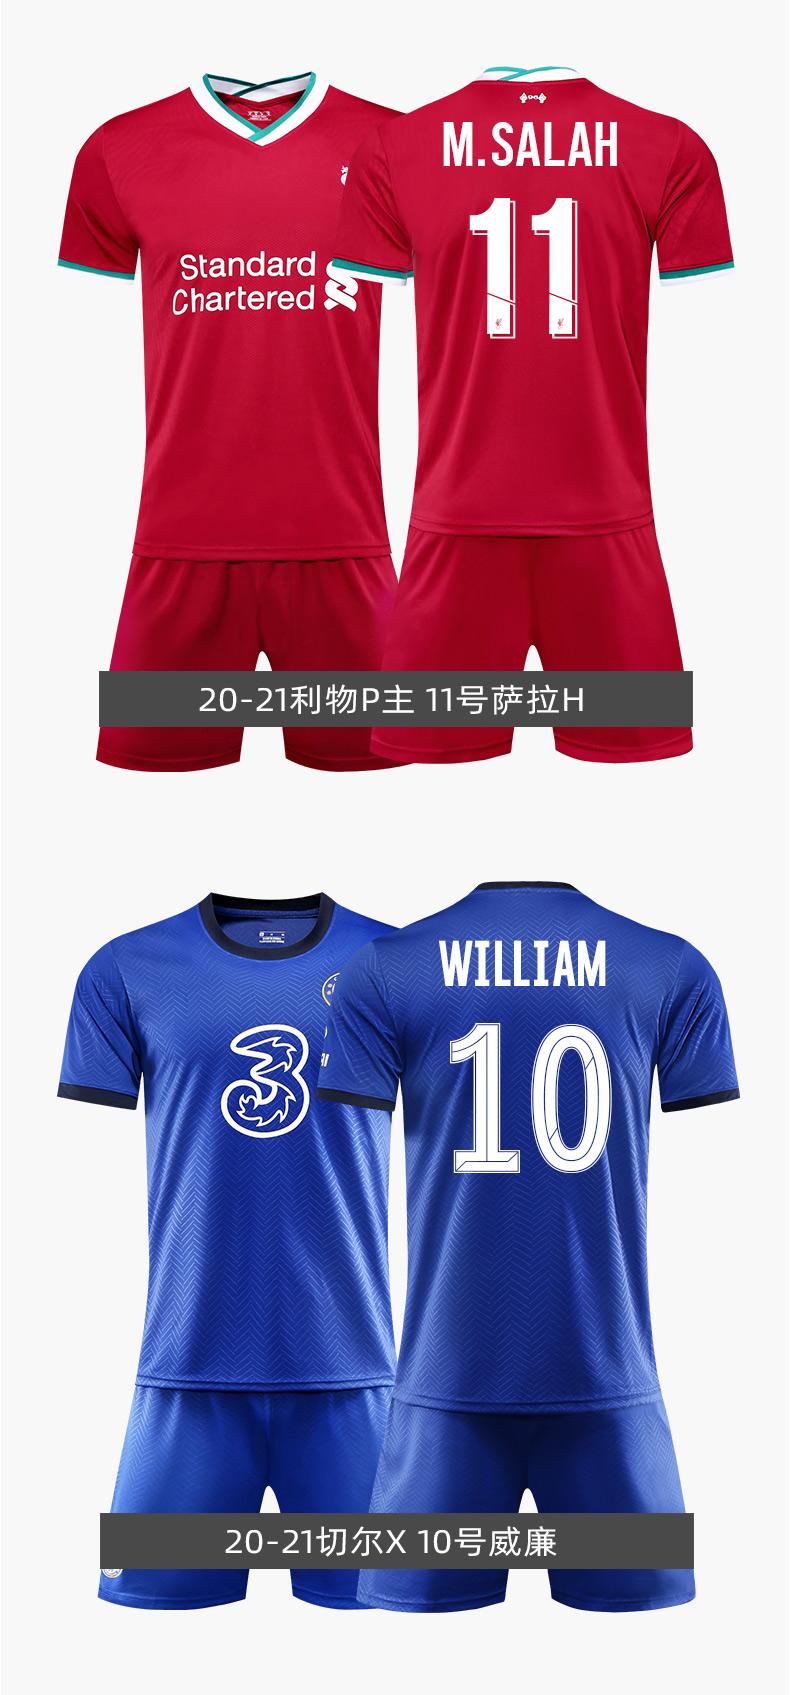 足球服套装男运动定製短袖比赛训练队服罗梅西巴皇马儿童球衣详细照片